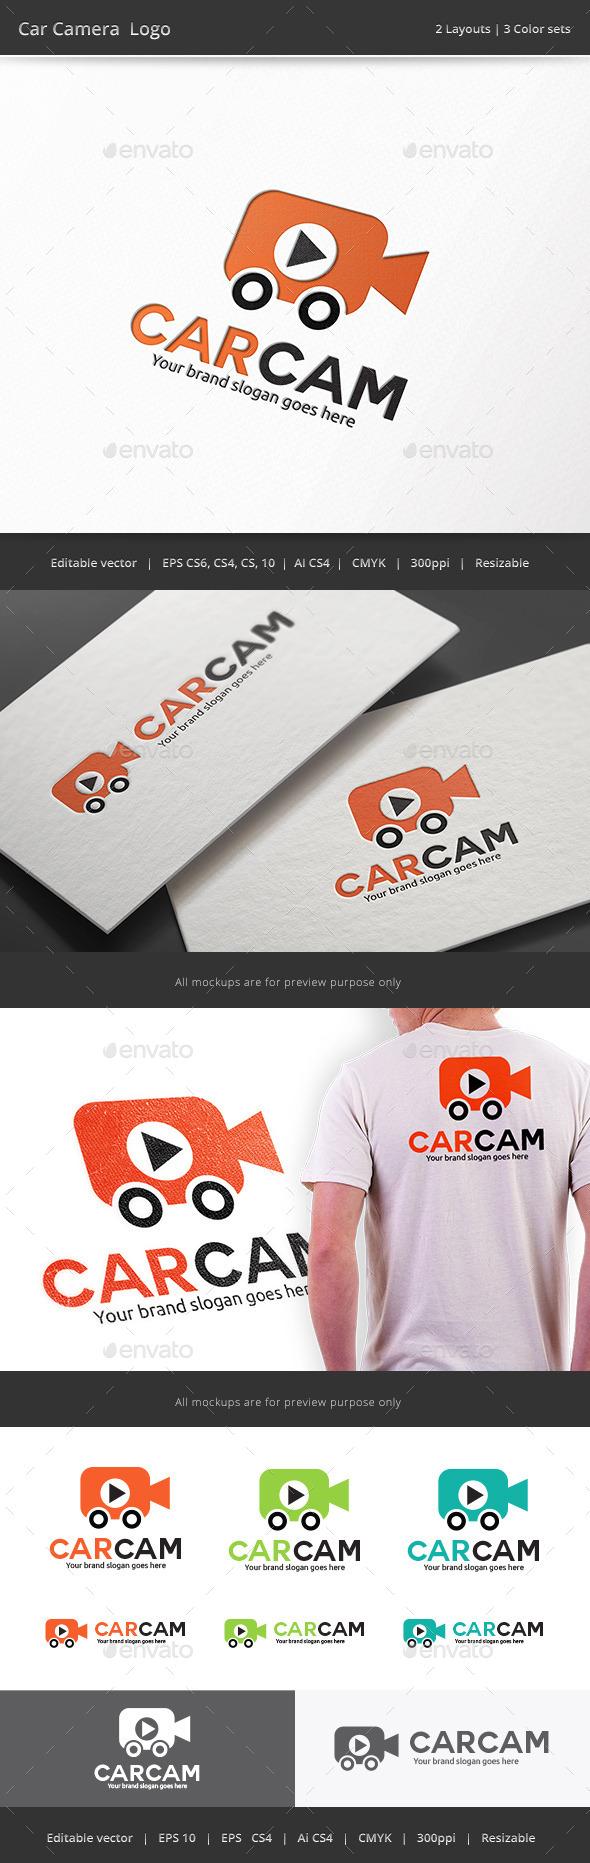 GraphicRiver Car Camera Logo 9801922